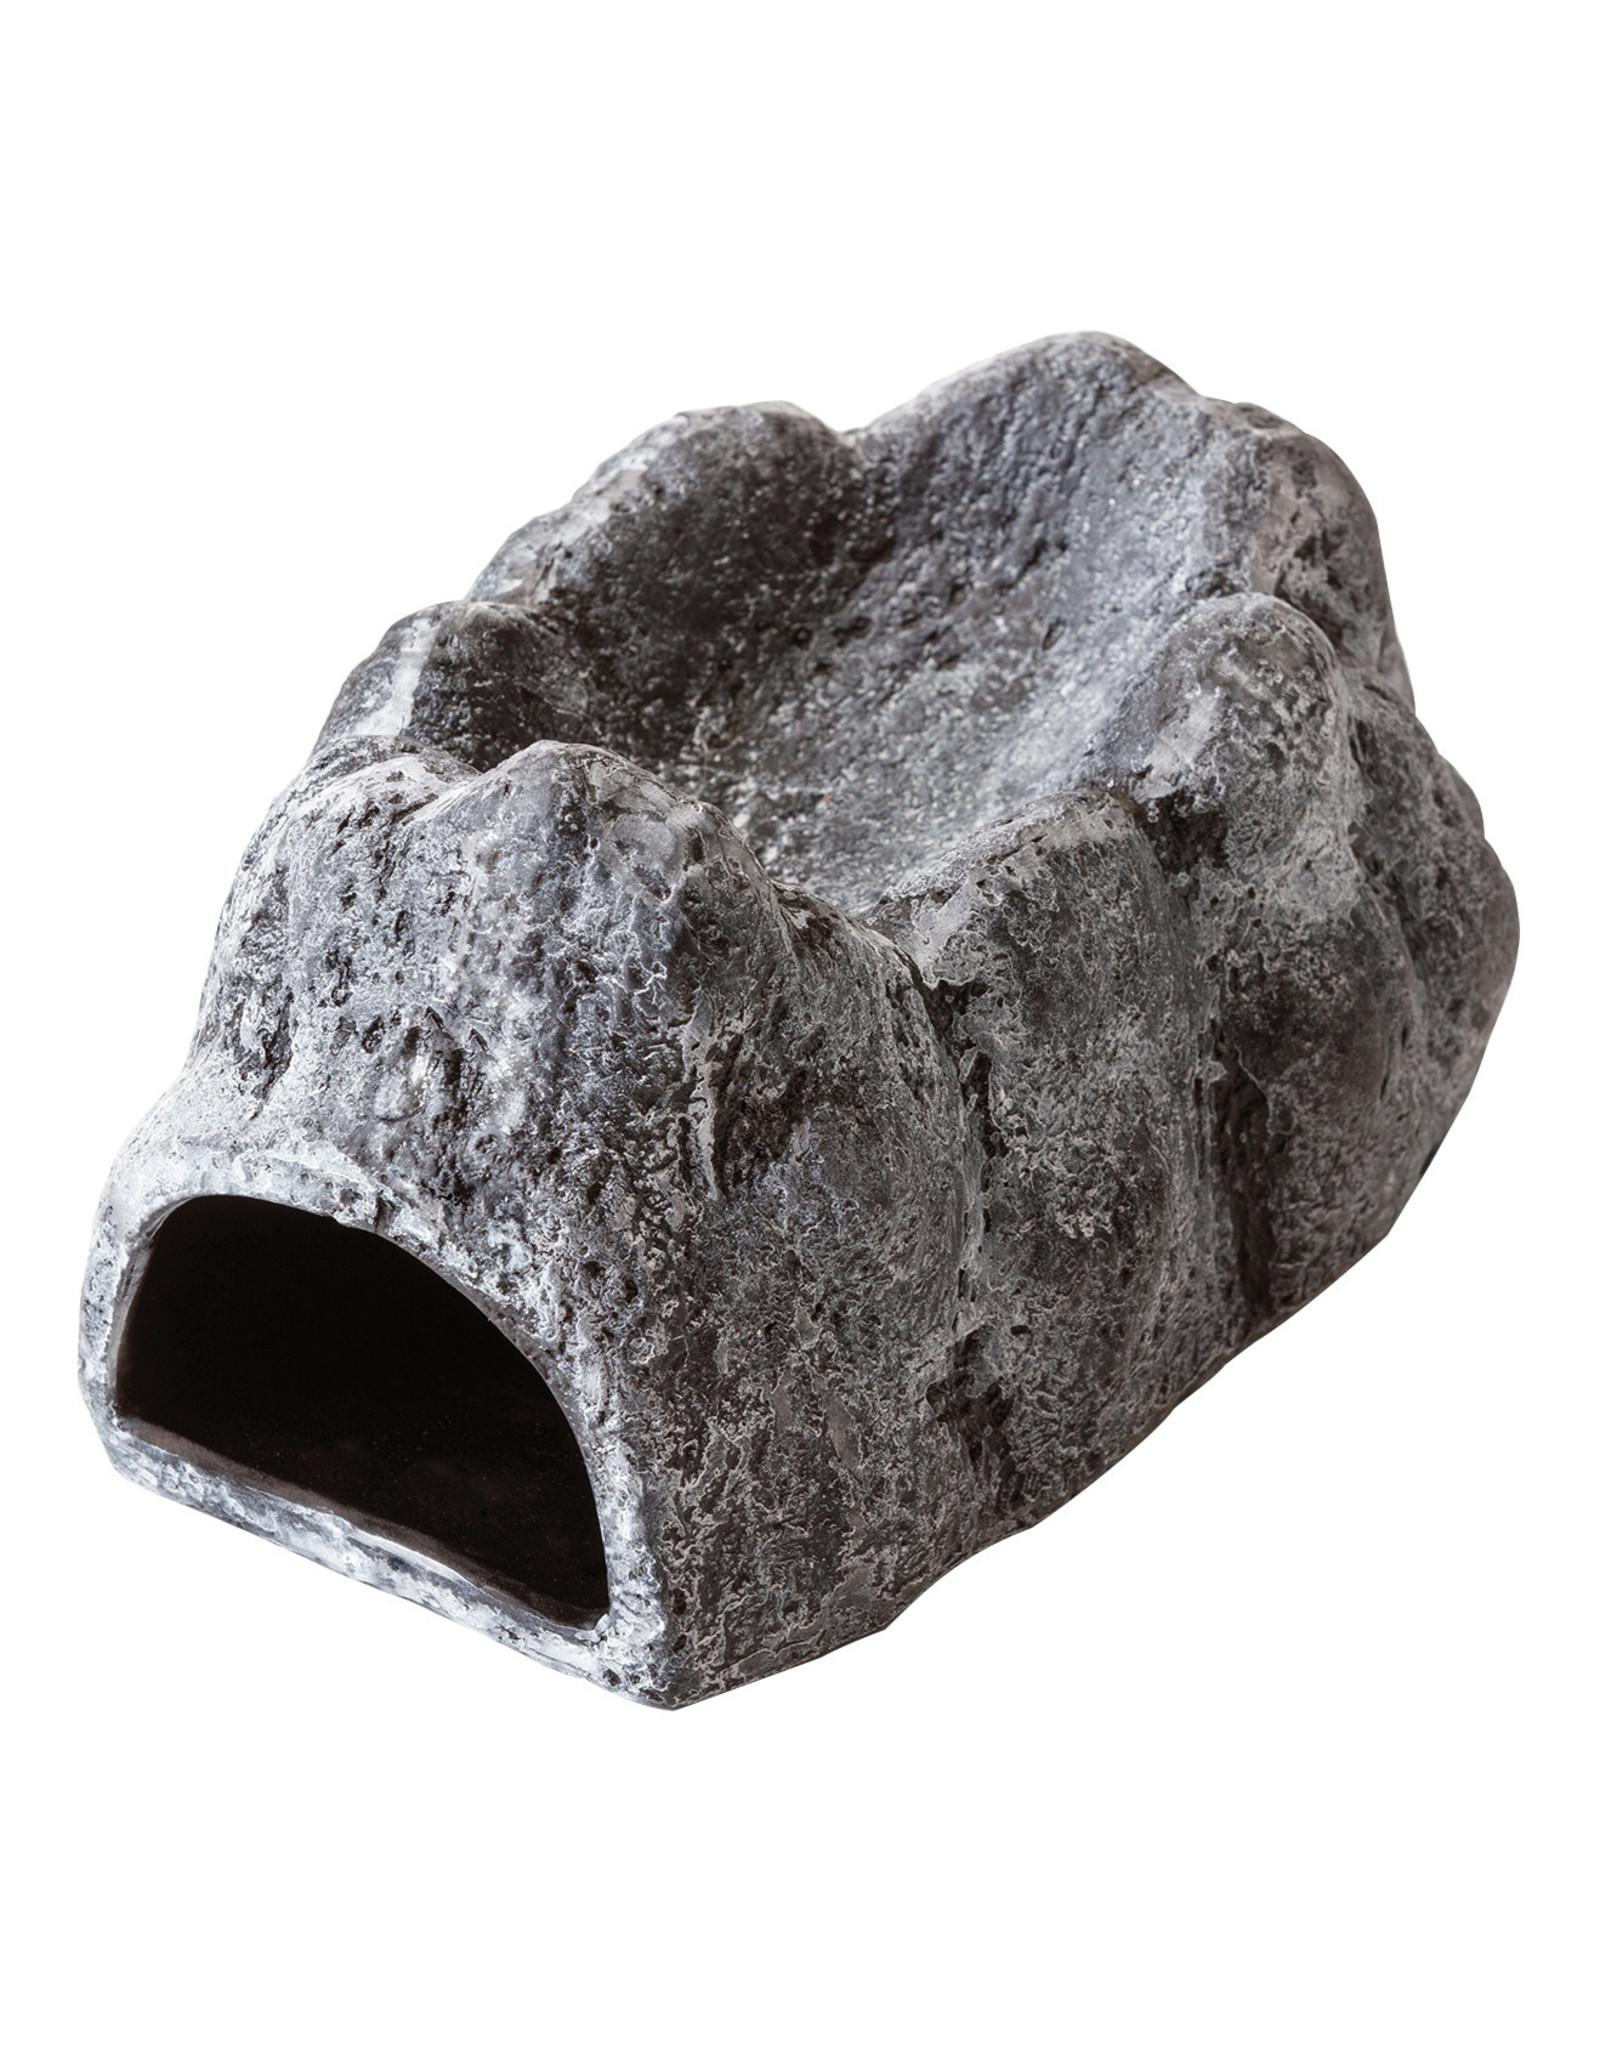 Exo Terra Wet Rock, Medium